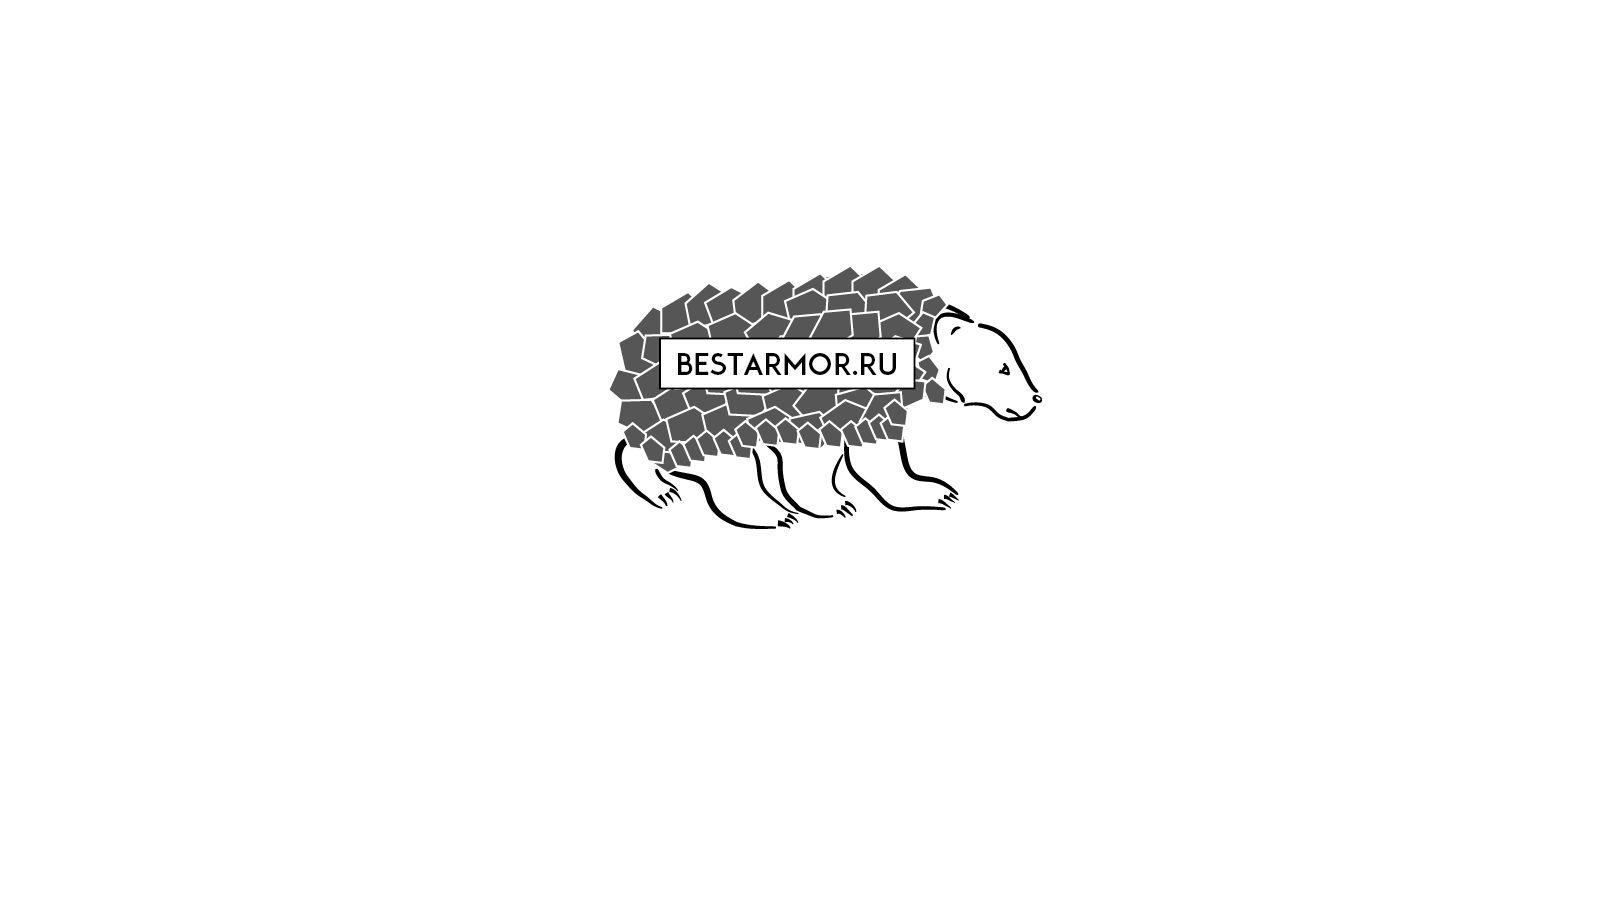 Логотип для интернет-магазина спортивной одежды - дизайнер Capp1e